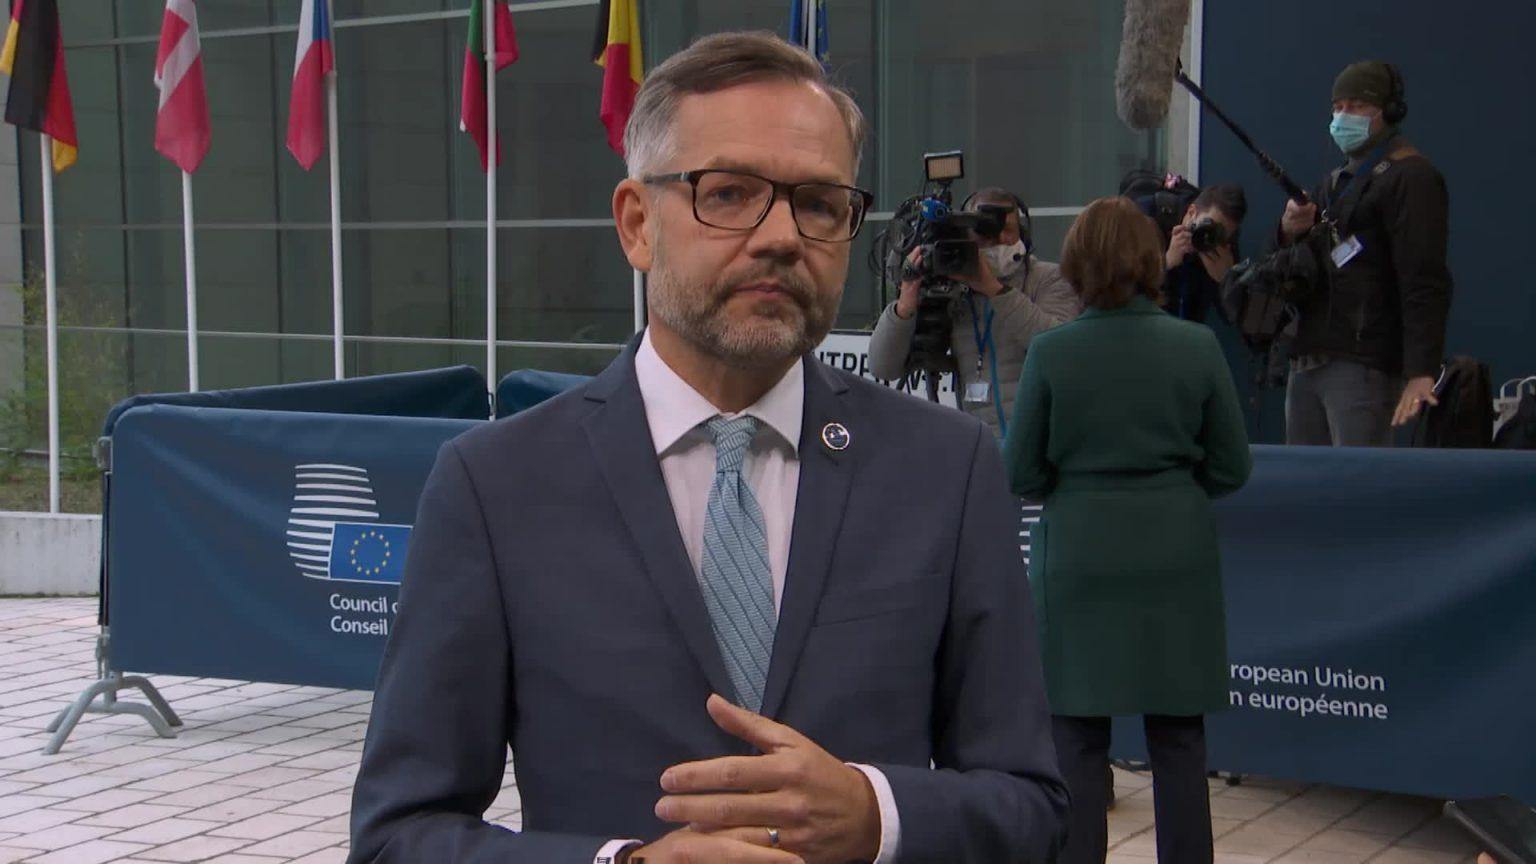 Rot: Bugarska ne može da drži proširenje EU kao taoca sa svojim bilateralnim zahtevima